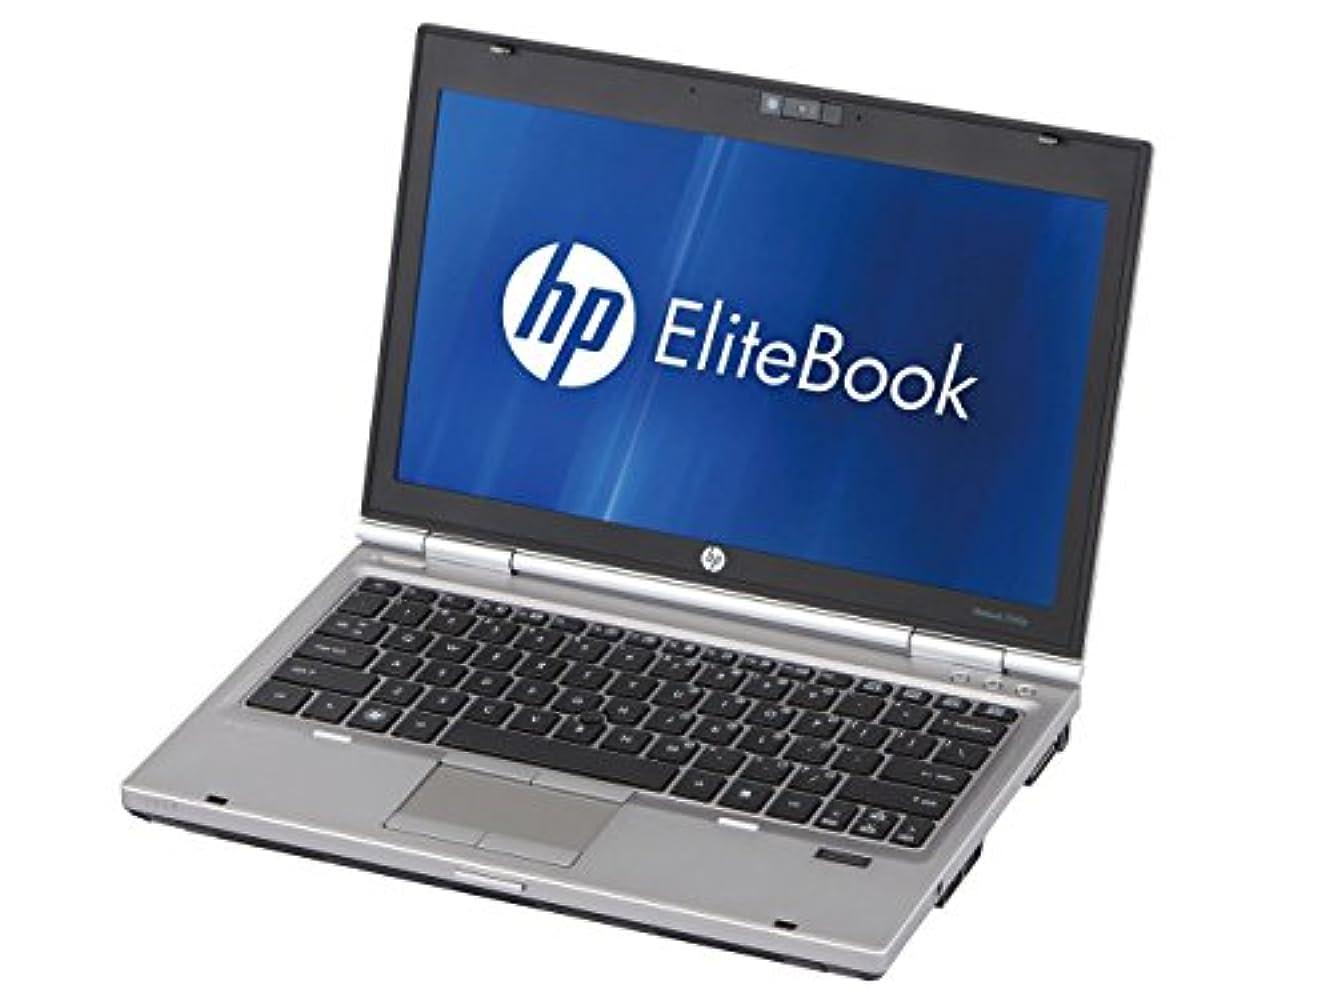 ぜいたく追加確立【Microsoft Office2010搭載】HP 2560p 第二世代Core i5 メモリー2GB HDD160GB搭載 13.3型液晶 DVDドライブなし Windows10 無線LAN 中古ノートパソコン